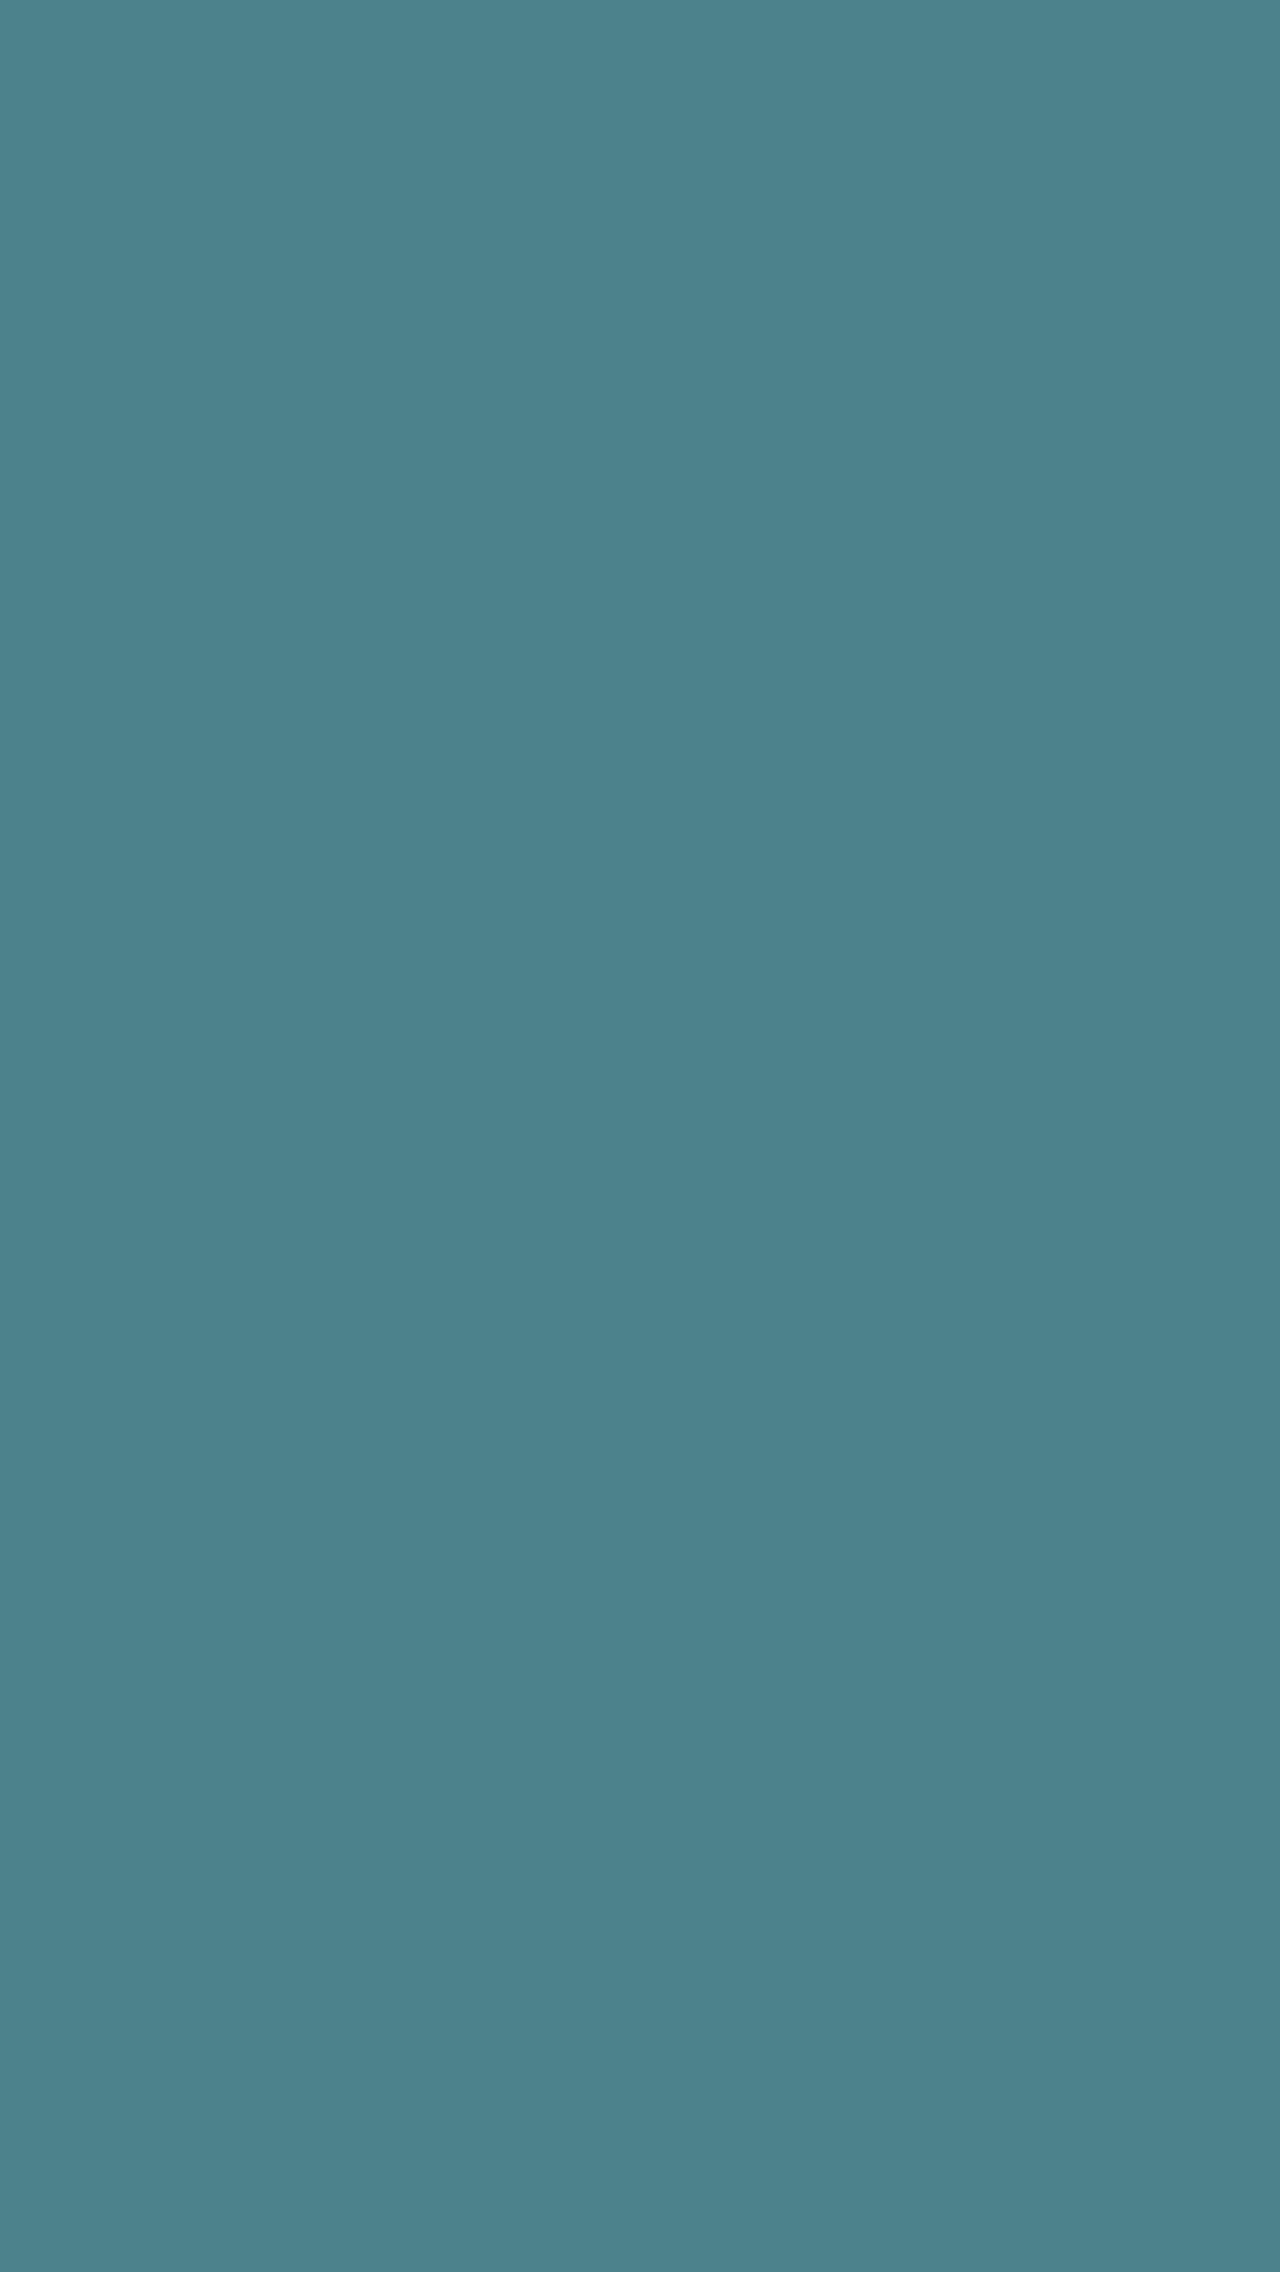 Les couleurs unies papier peint ffacbebcbdfdccffb-iphone-backgrounds-android